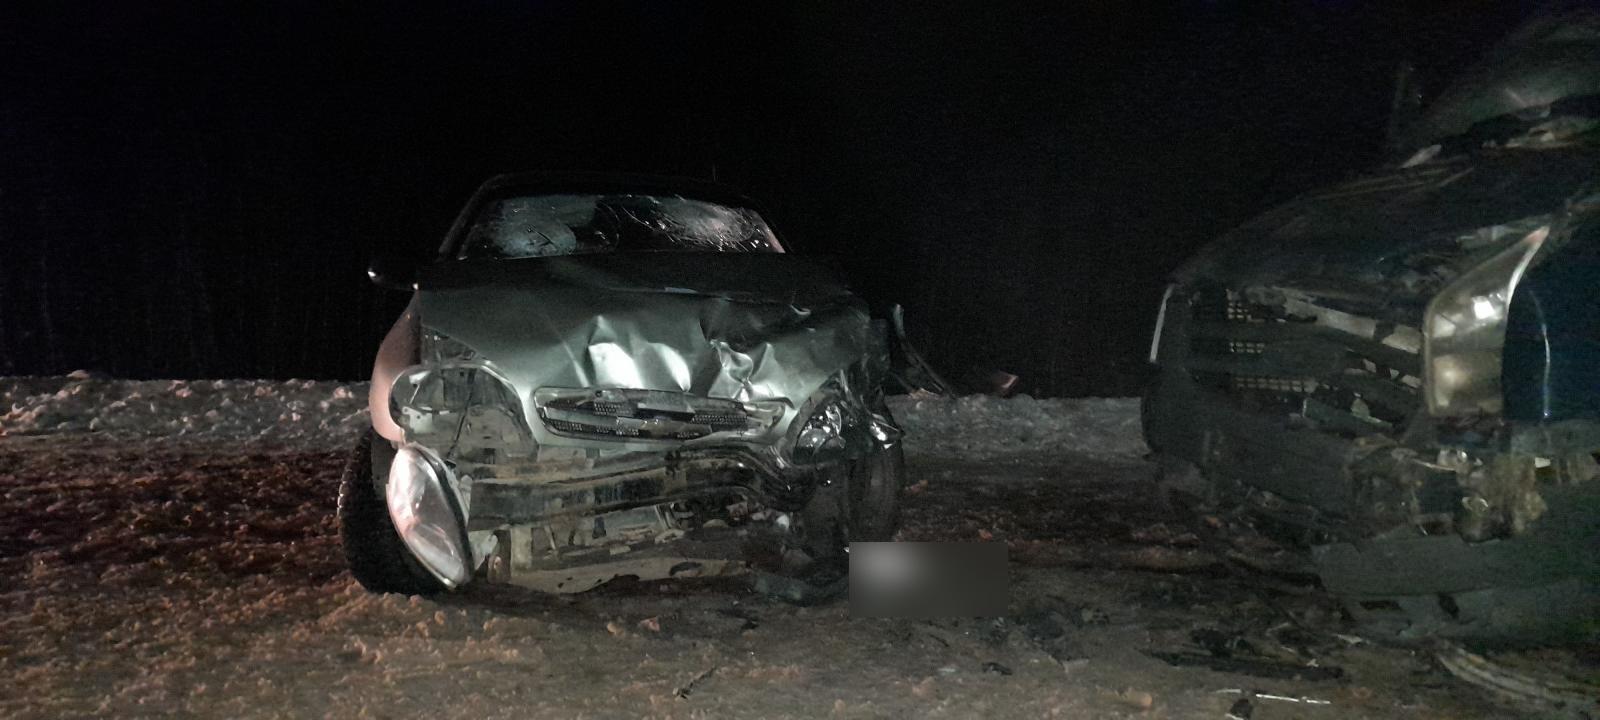 Появились подробности лобового столкновения автомобилей в Тверской области